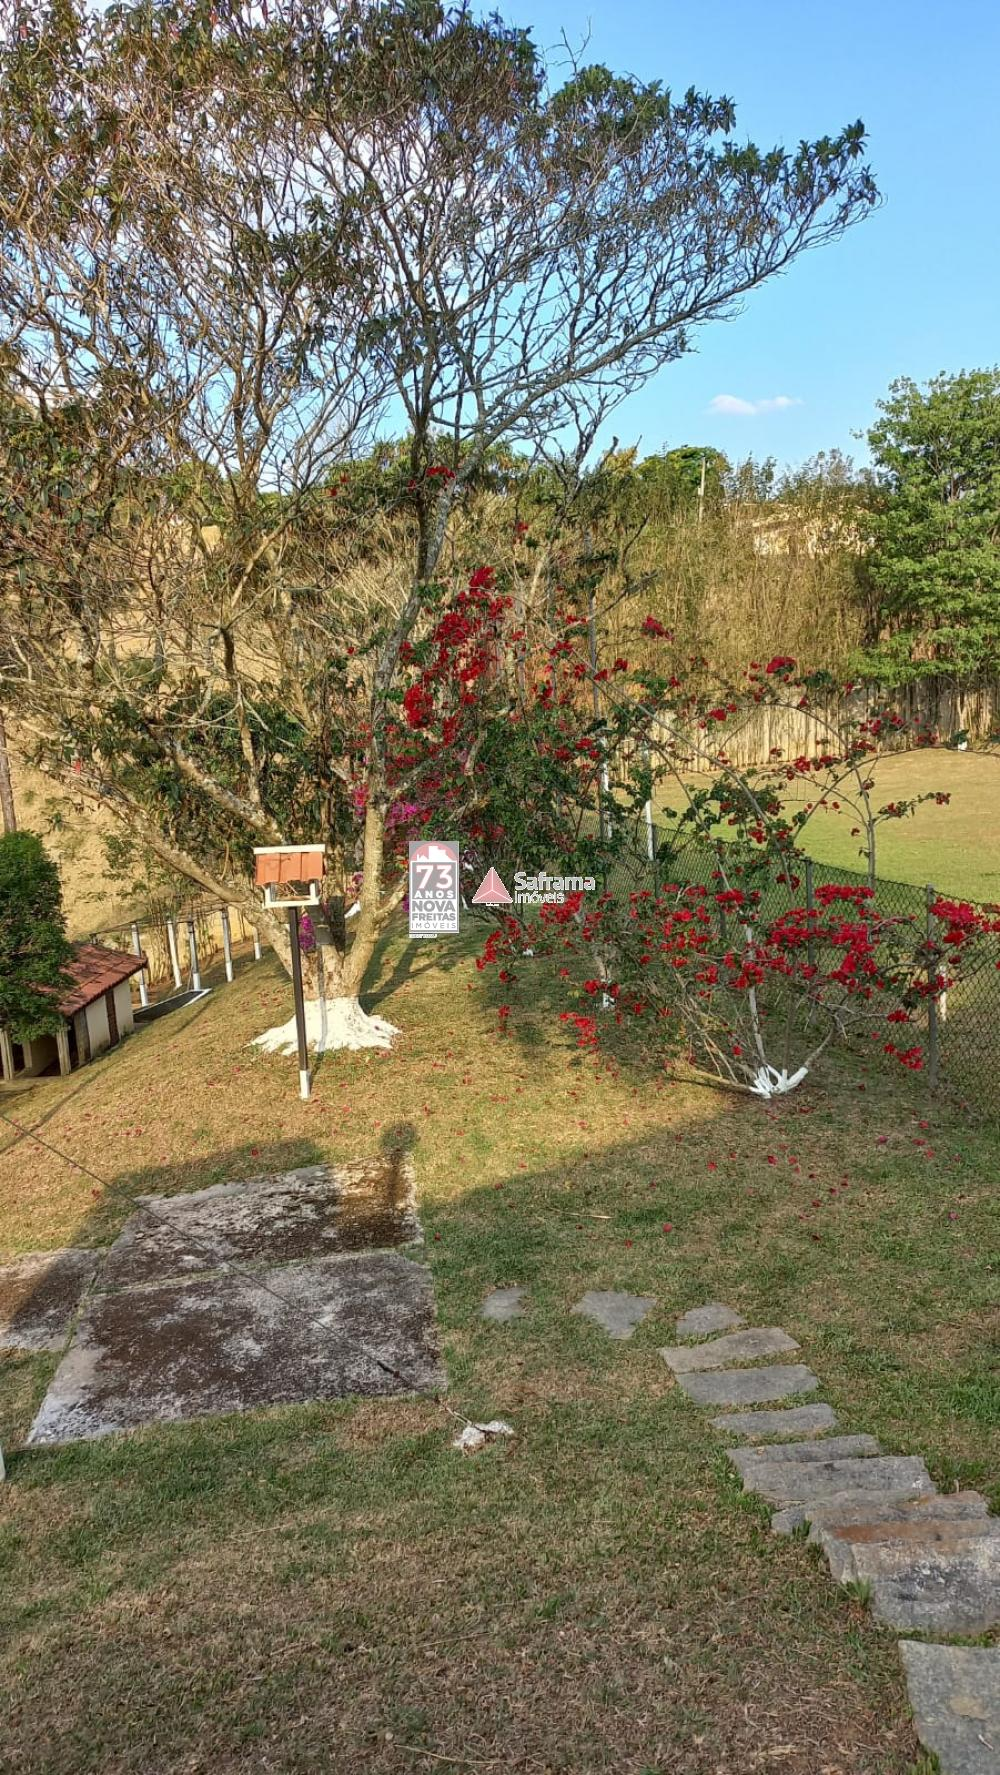 Comprar Rural / Chácara em São José dos Campos R$ 1.800.000,00 - Foto 9